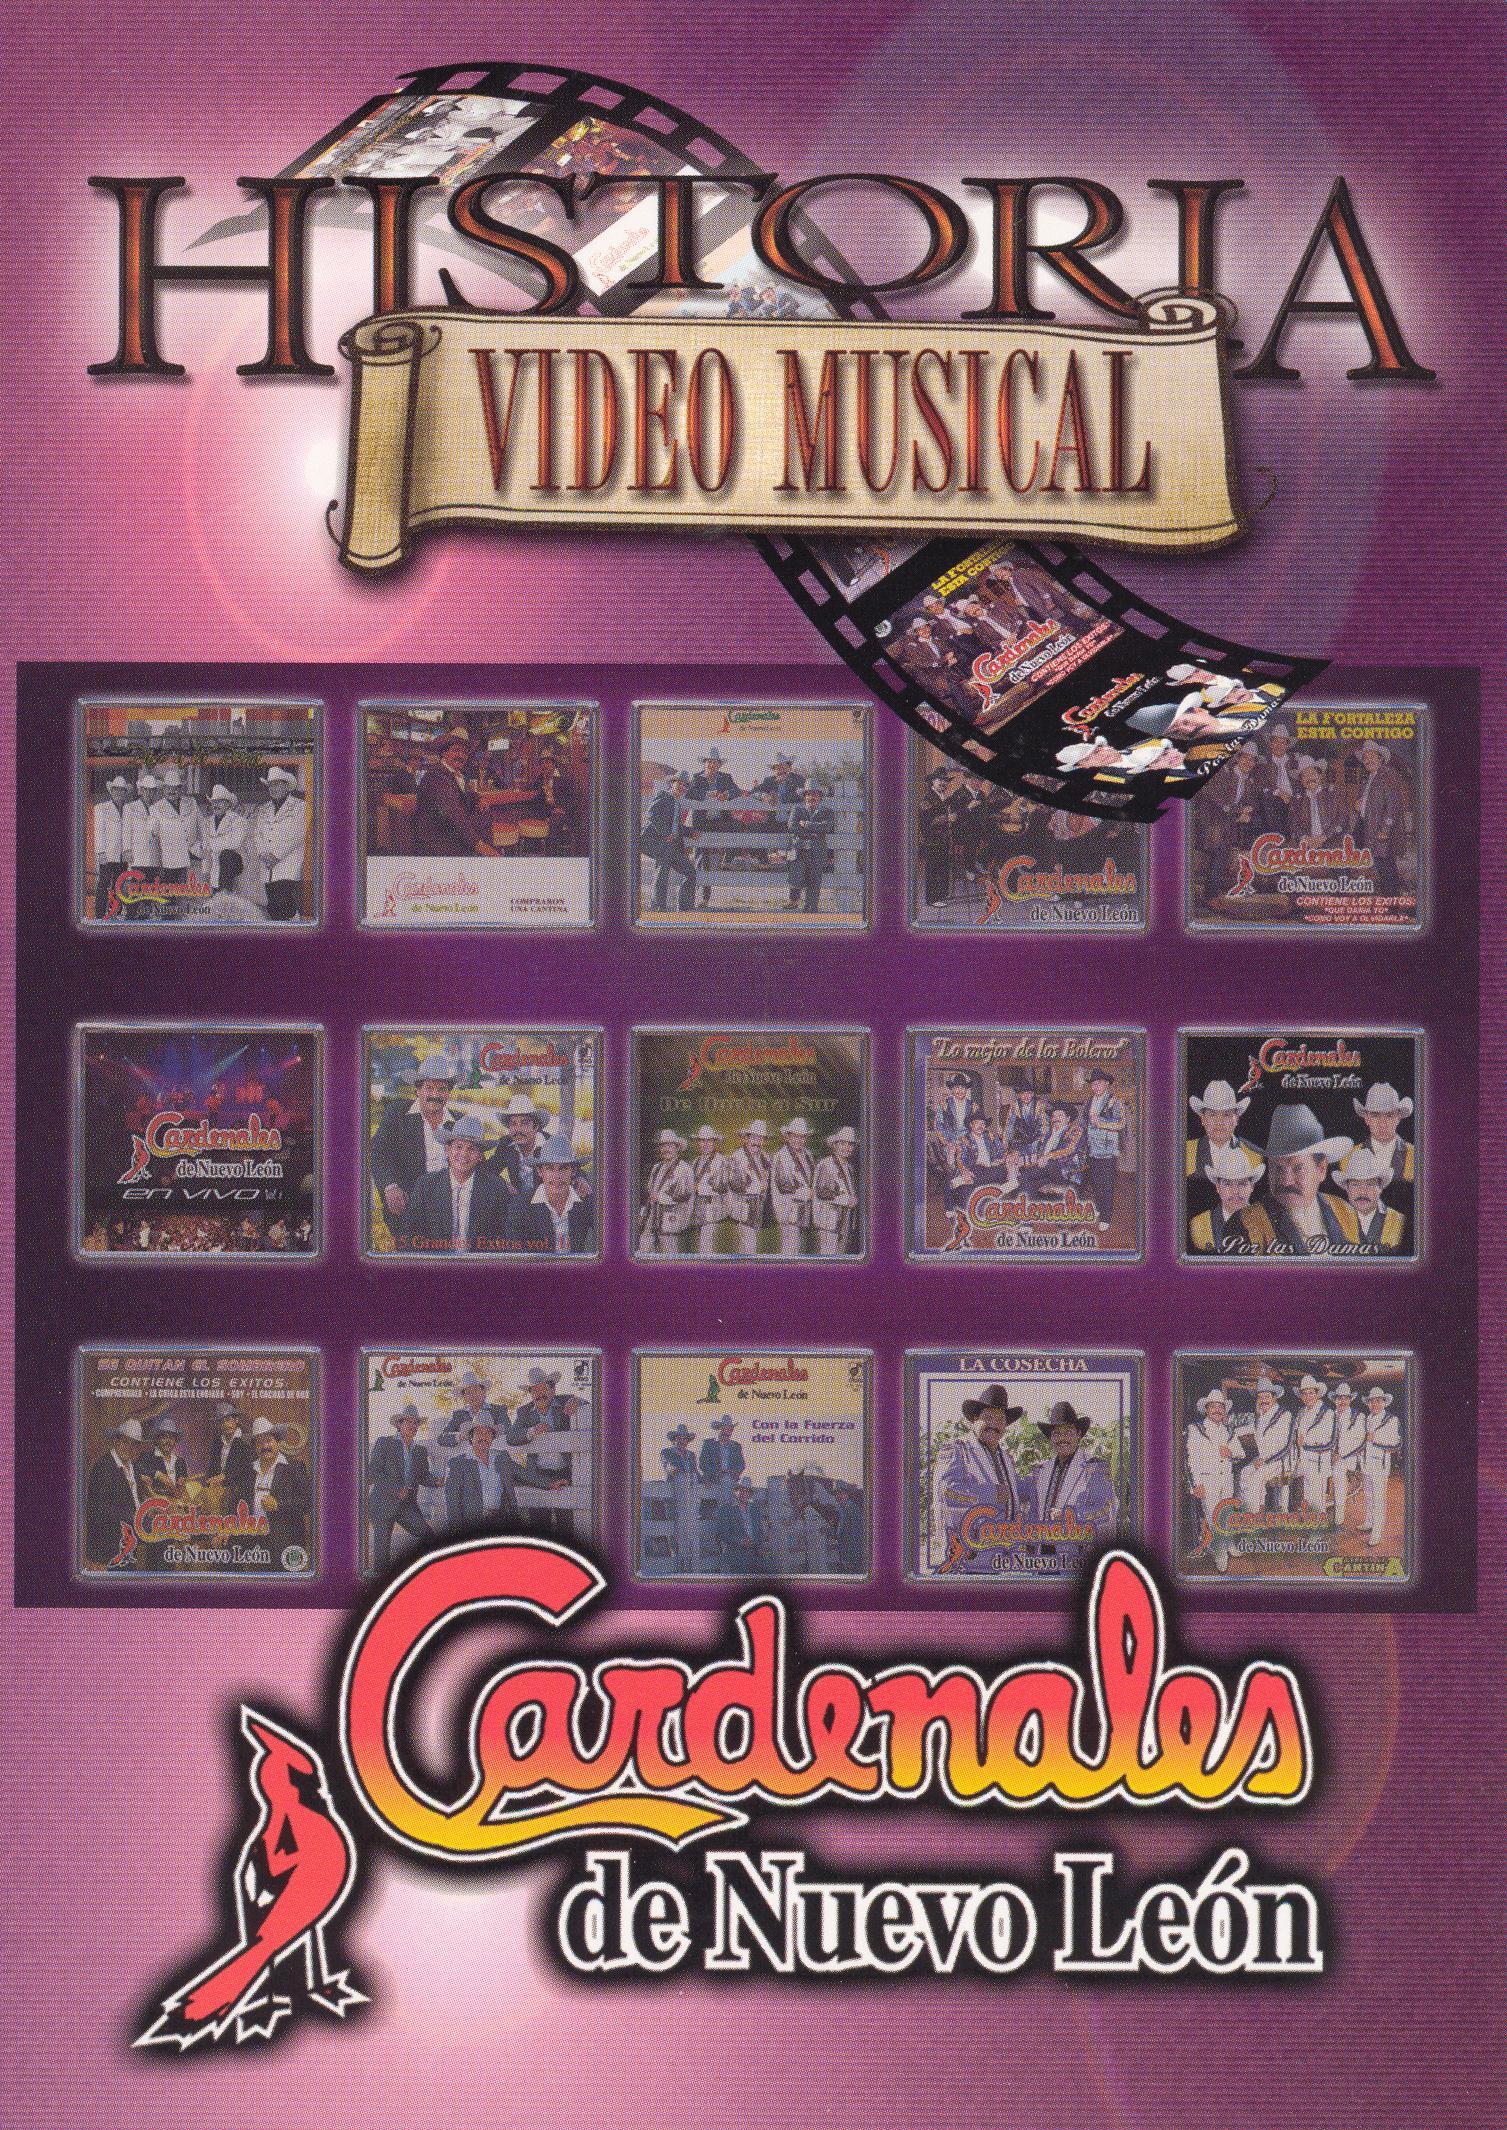 Los Cardenales de Nuevo Leon: Historia Video Musical